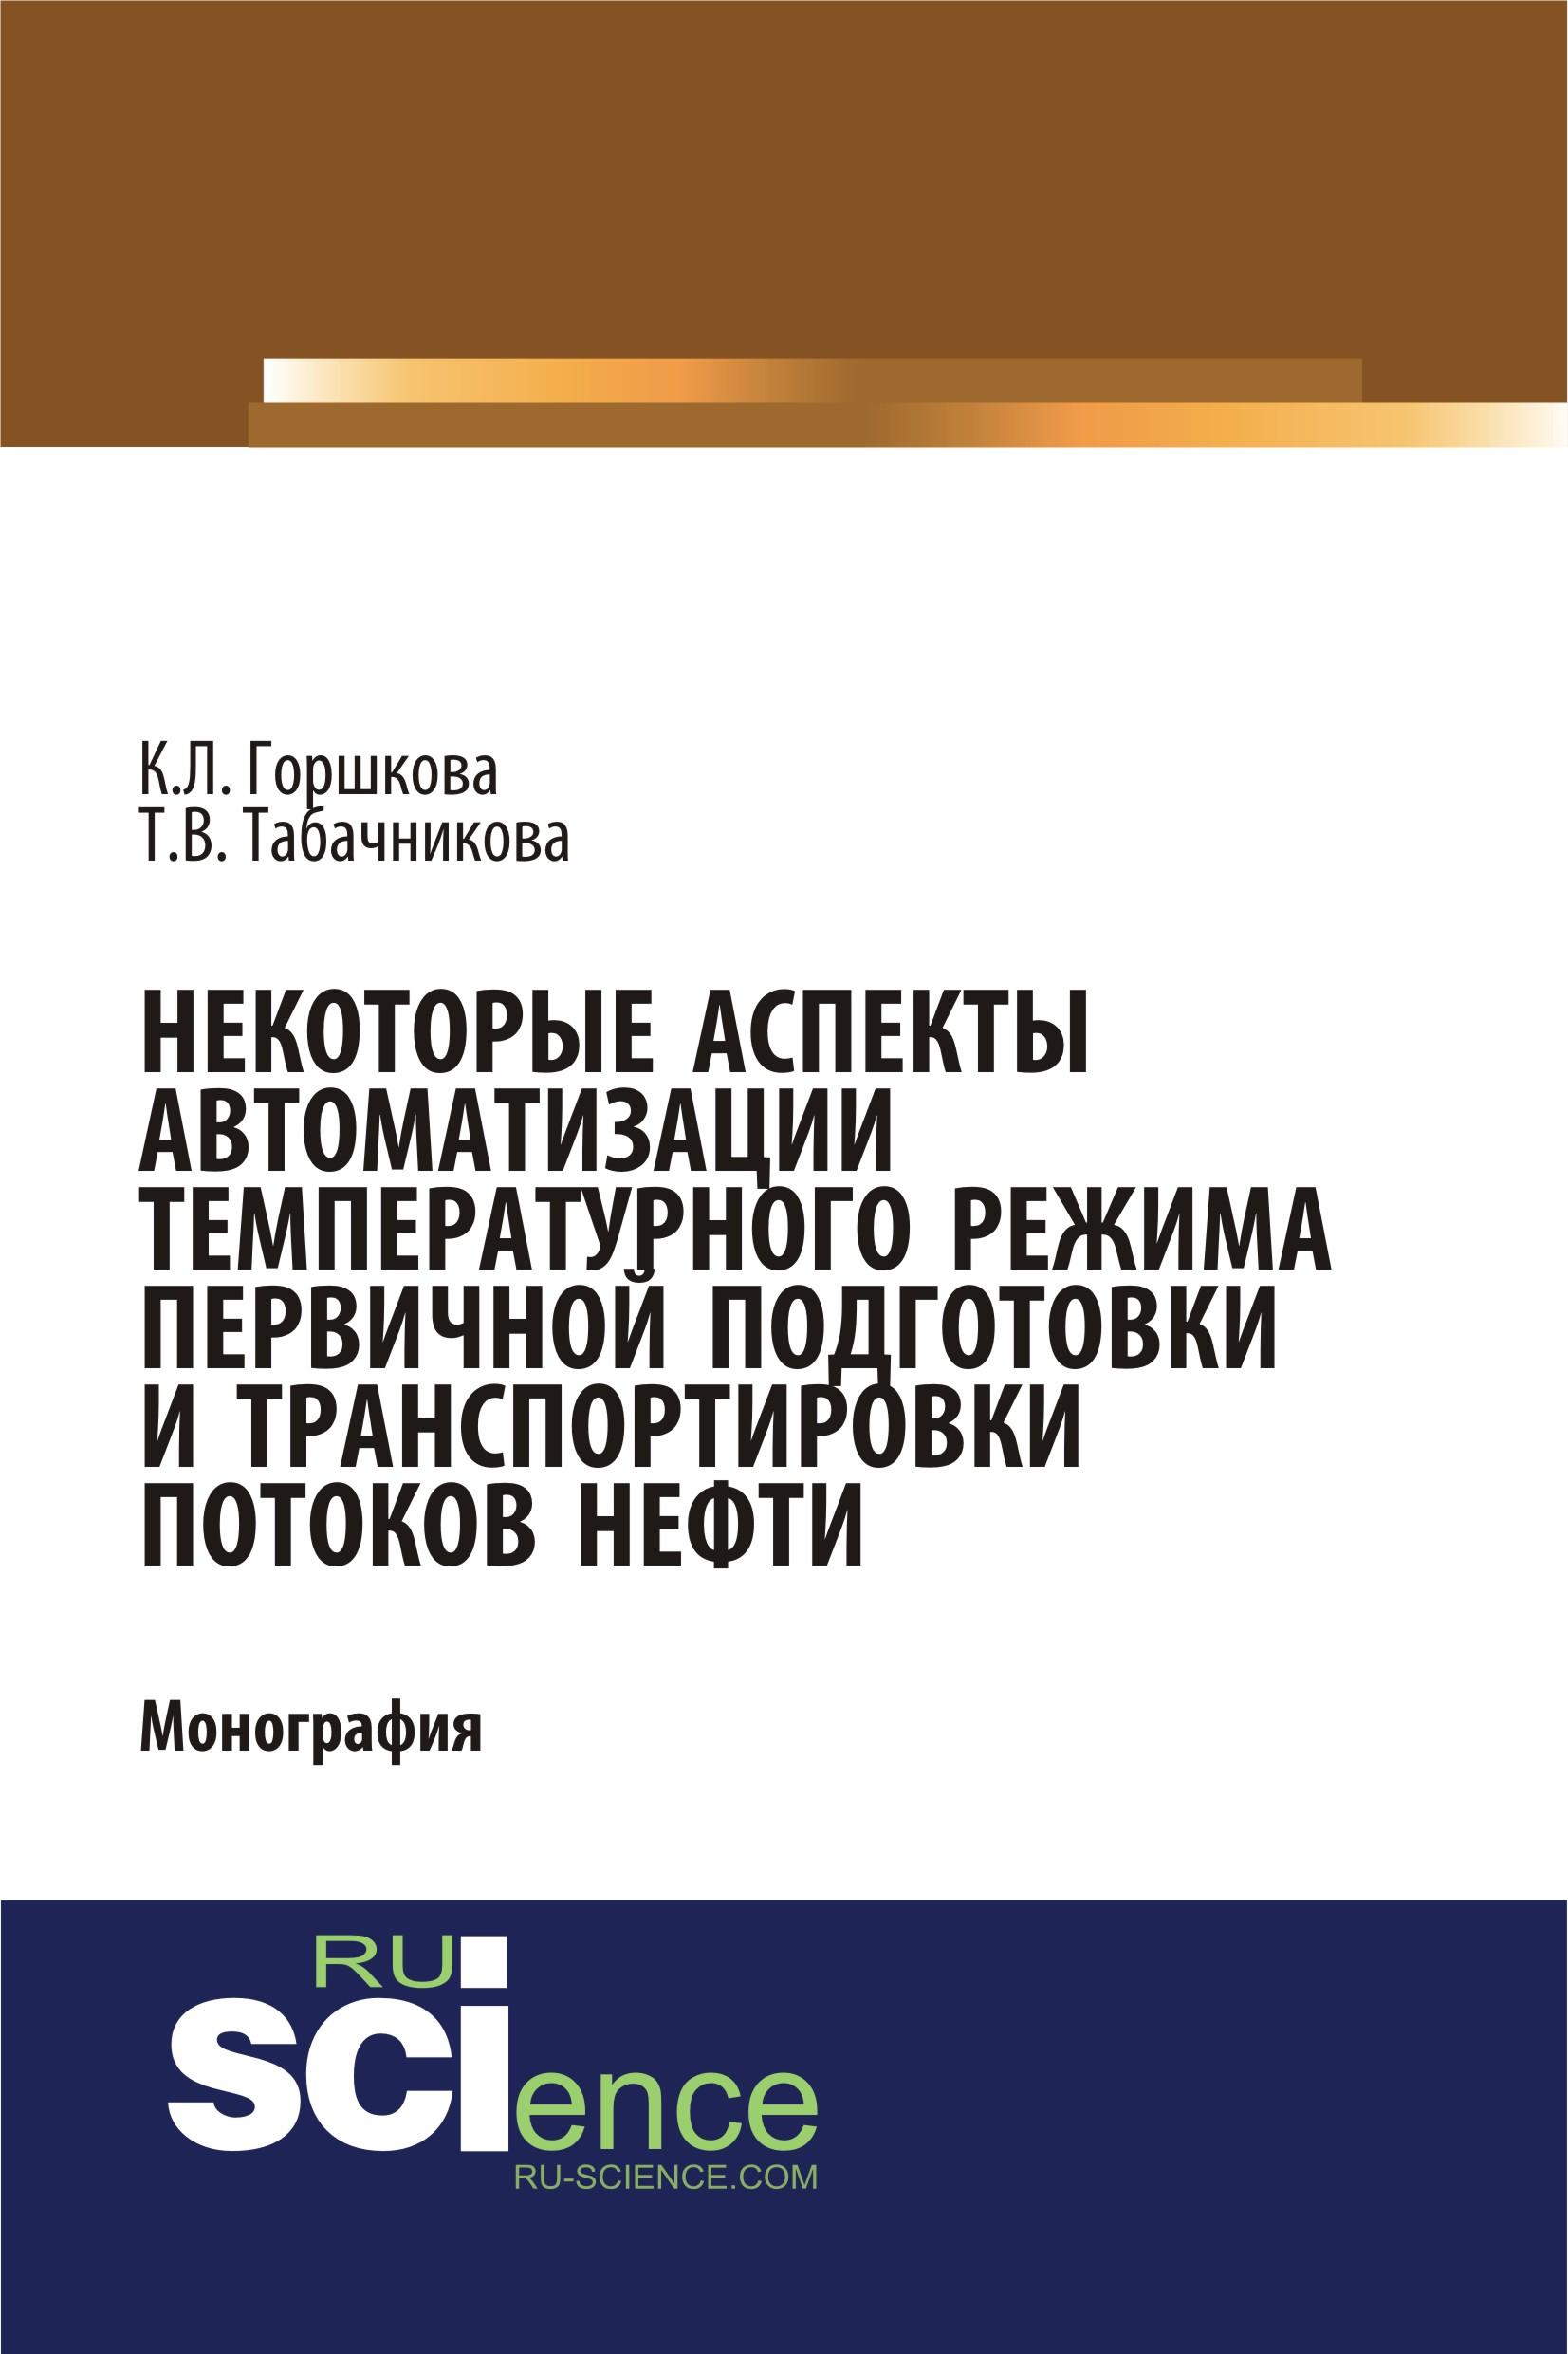 Т. В. Табачникова Некоторые аспекты автоматизации температурного режима первичной подготовки и транспортировки потоков нефти